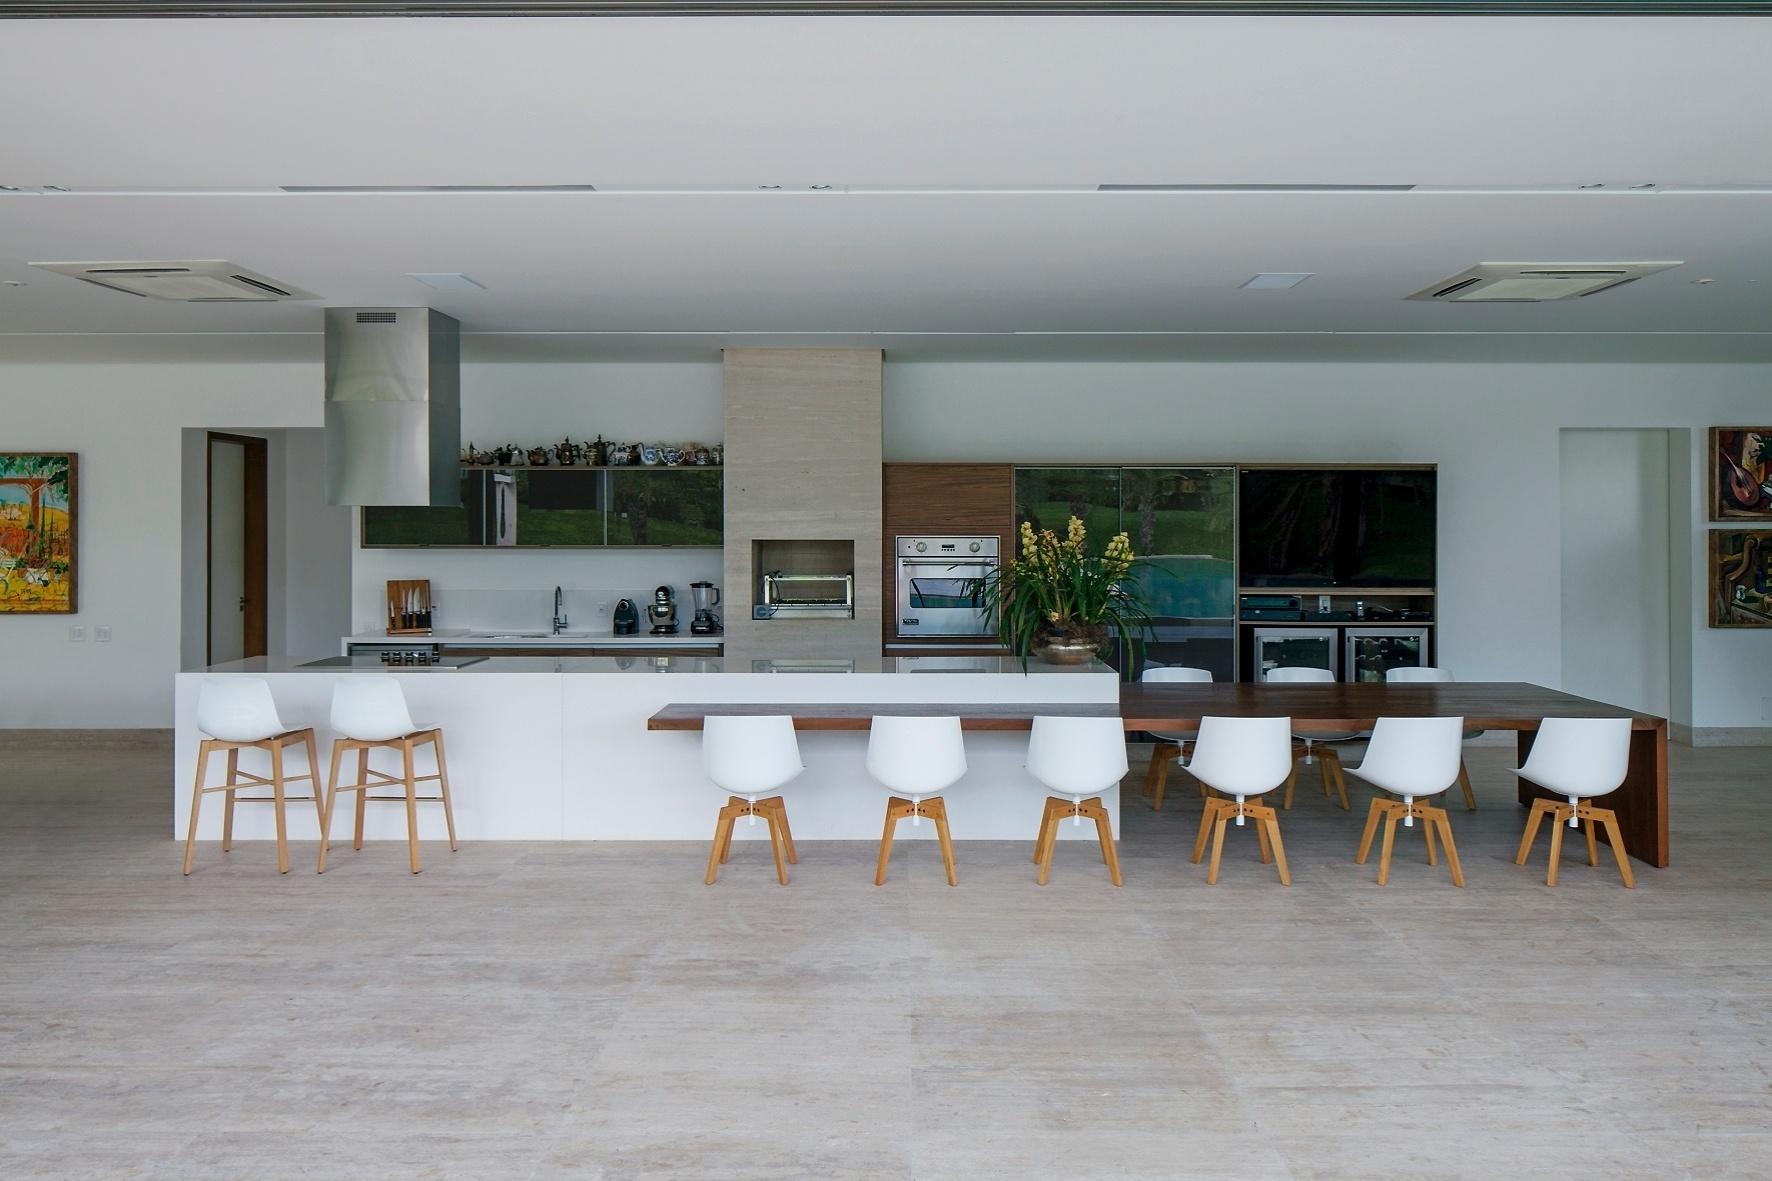 A cozinha gourmet, usada pela dona da casa que adora aprimorar seus dotes culinários, foi instalada na grande varanda da TB House, cujo projeto arquitetônico é do escritório Aguirre Arquitetura